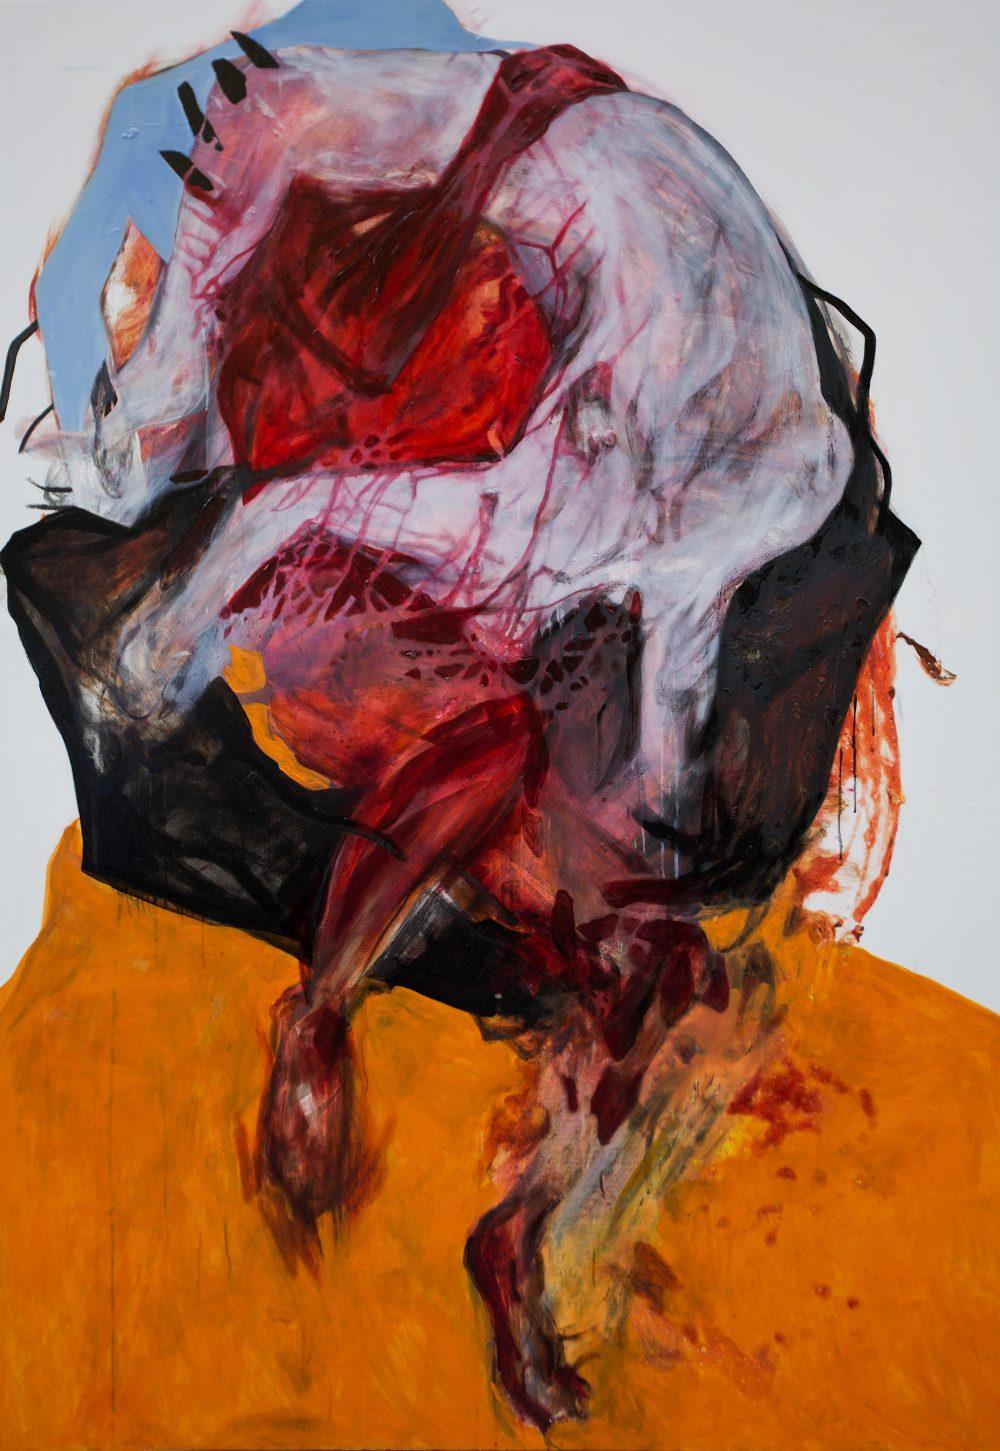 Gala Caki 1 e1561626252583 Gala Čaki: Slikarstvo mi pruža samospoznaju, u kojoj dosežem duhovnu slobodu (INTERVJU)